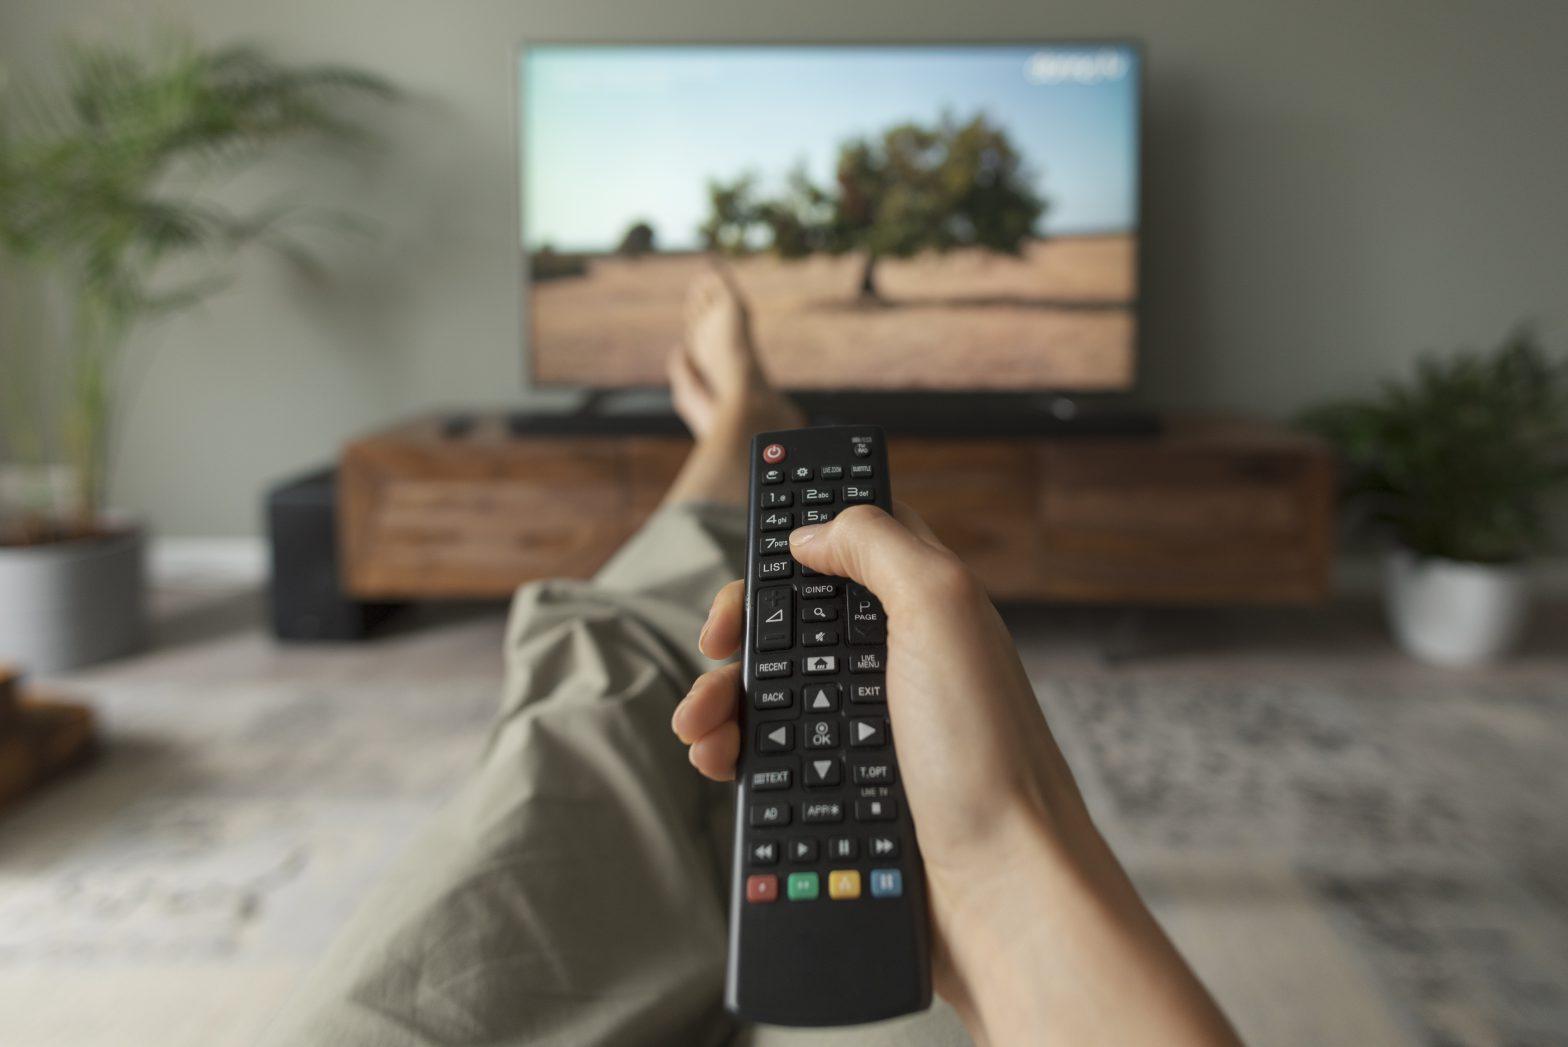 7 kanałów popularnonaukowych, które obejrzysz na żywo na smartfonie